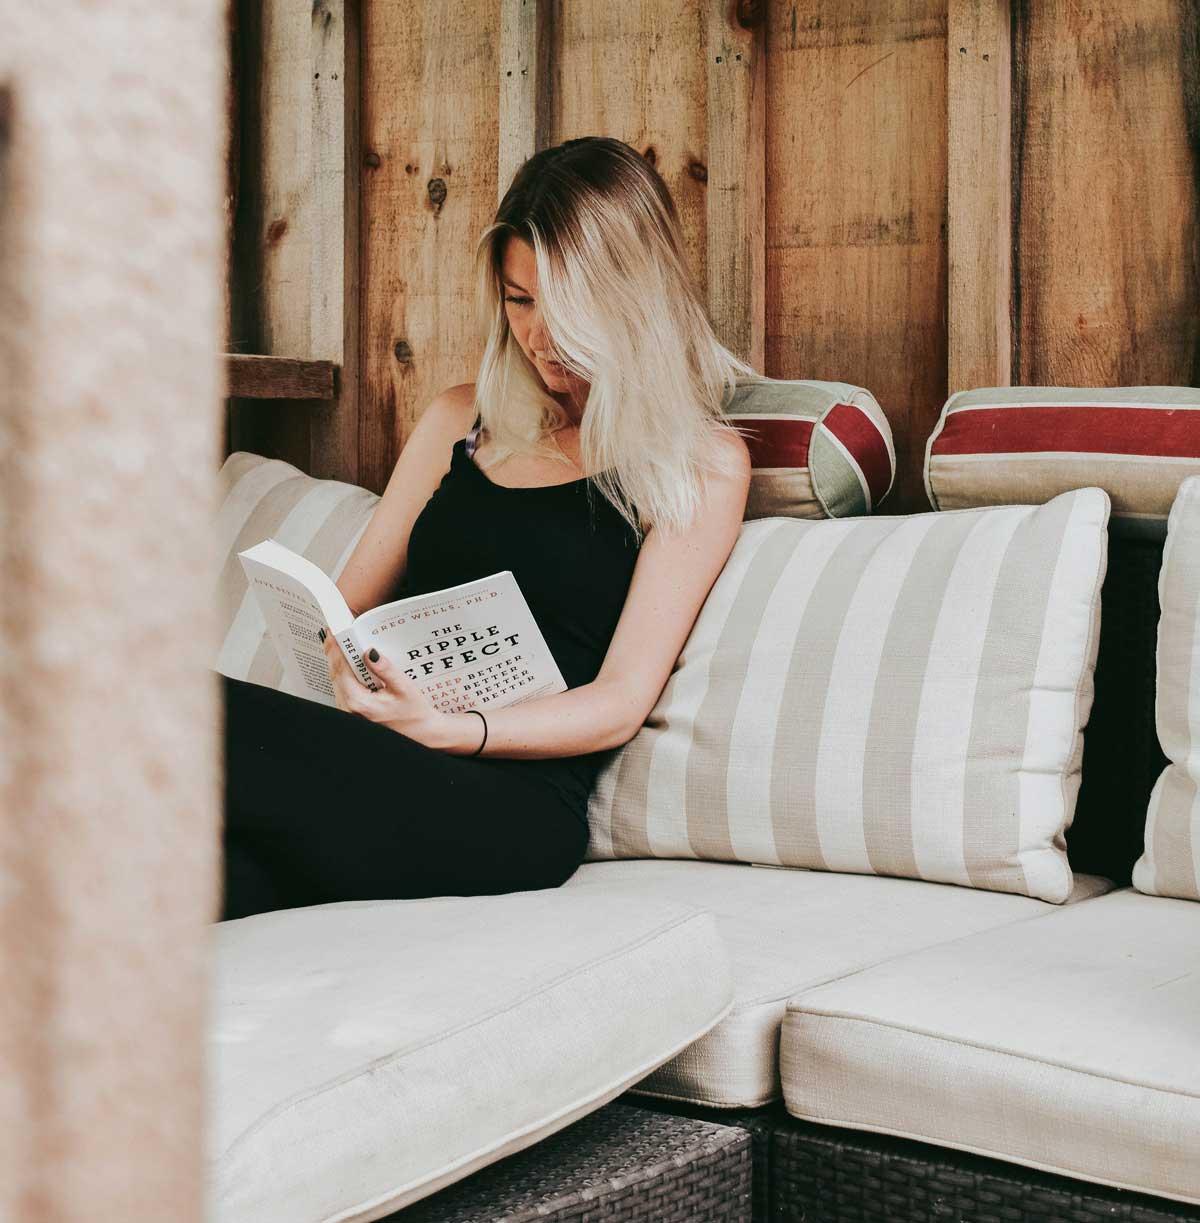 Sofa Online - La importancia de cuidar tu postura a la hora de sentarte